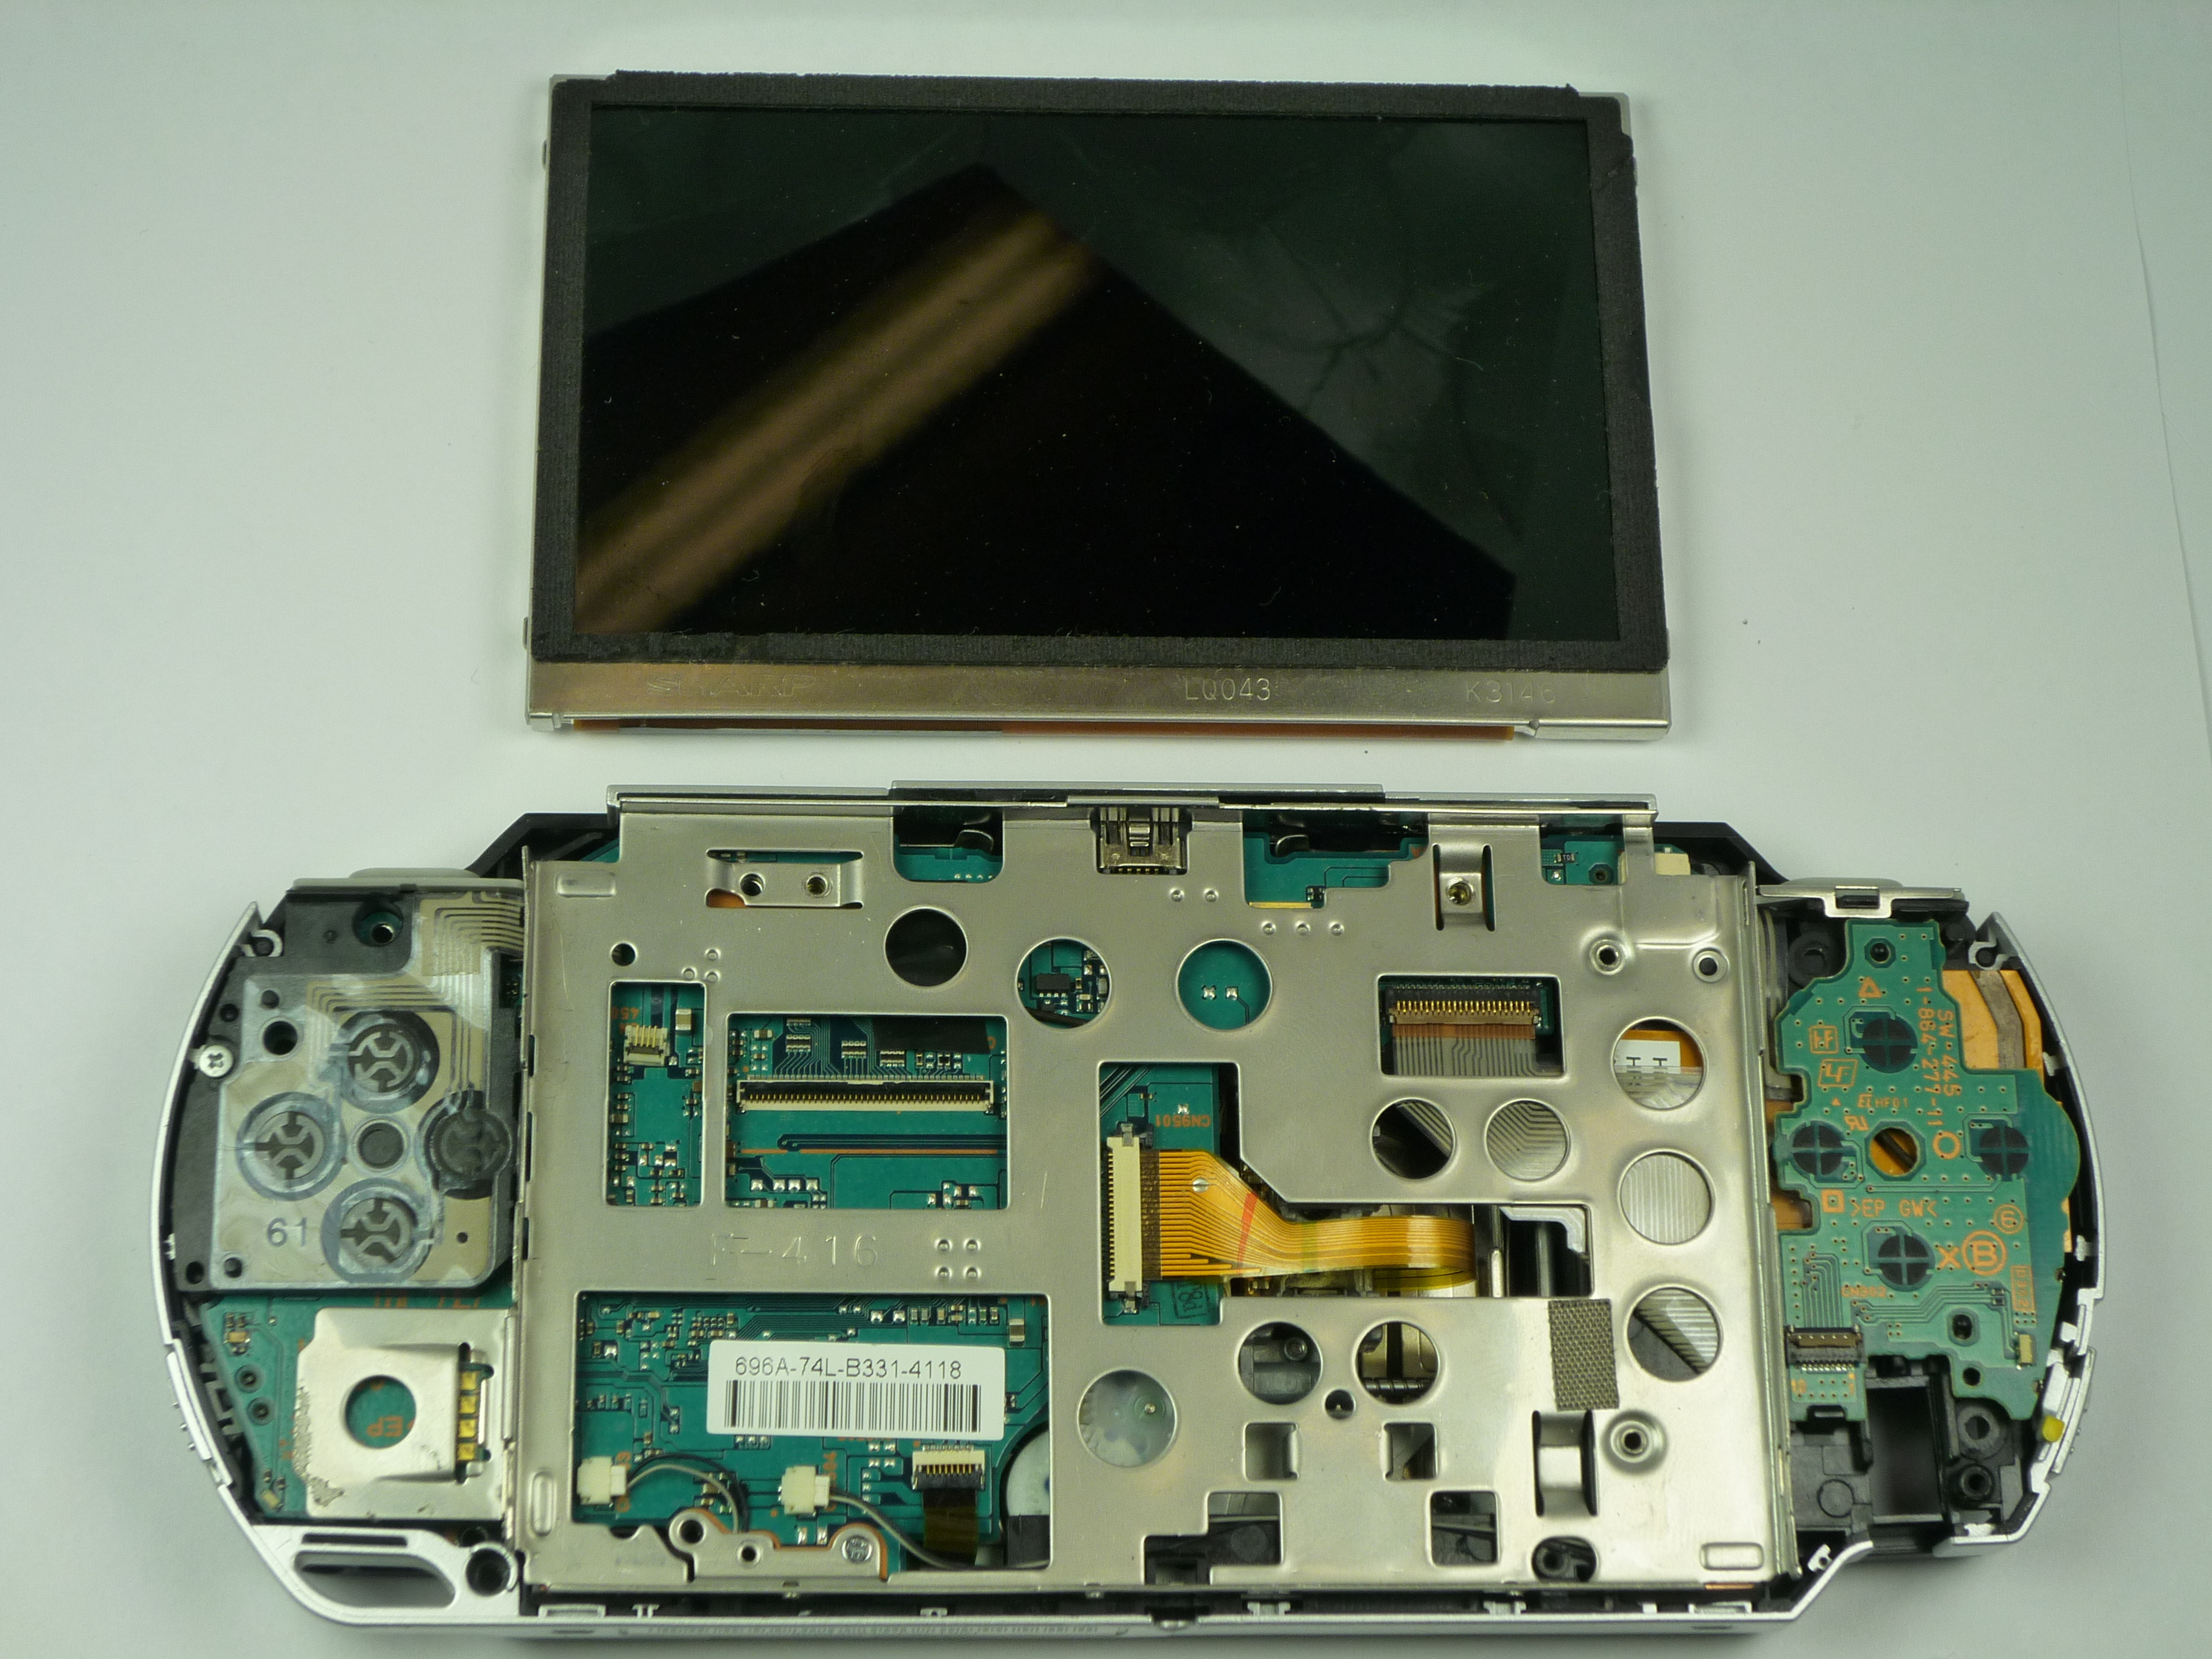 psp 1000 lcd screen replacement ifixit repair guide rh ifixit com psp 3000 repair manual PSP AC Adapter Manual